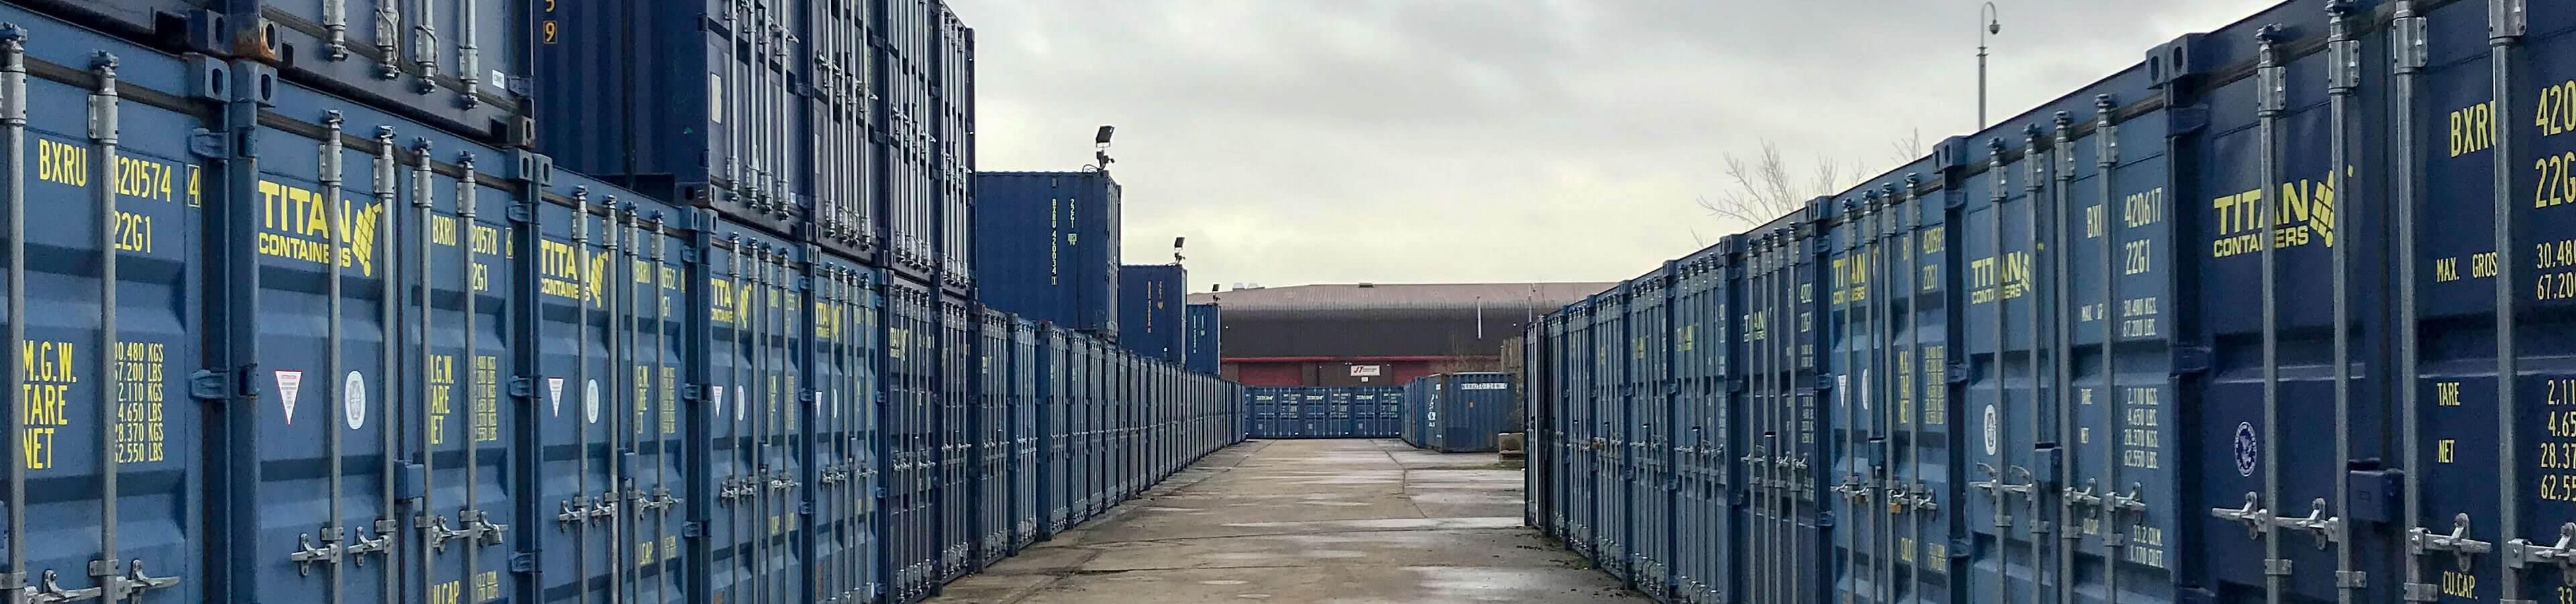 Melton Mowbray Self Storage header image | TITAN Containers